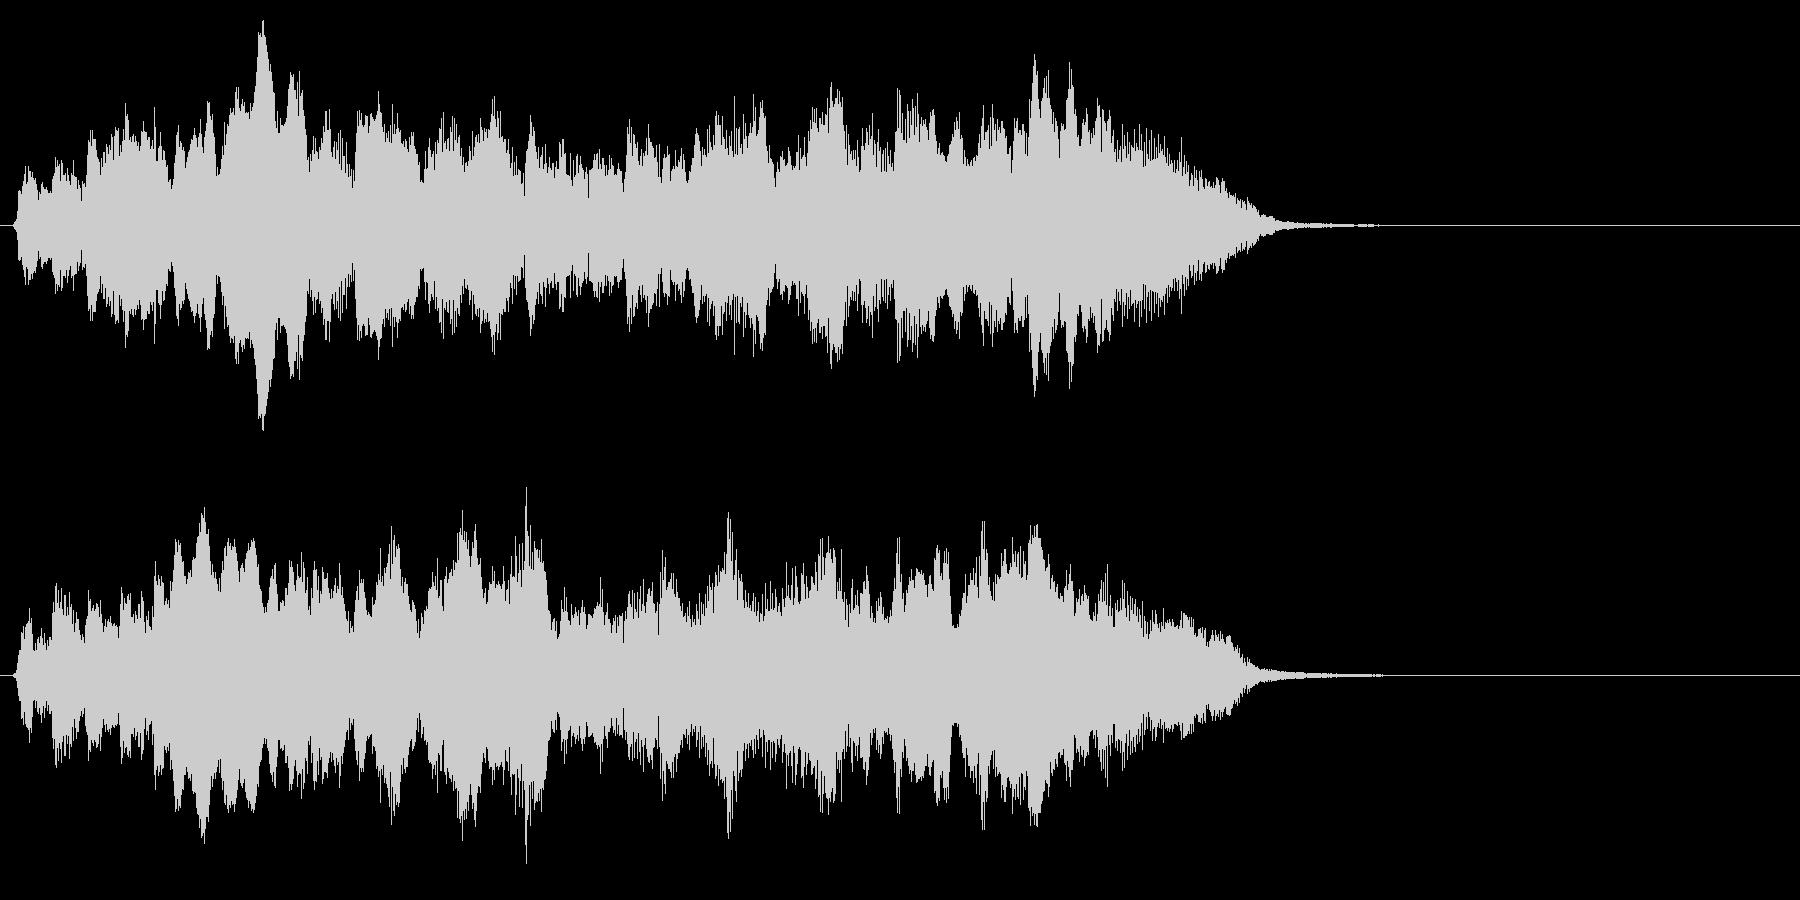 ハリウッド系さわやかなオーケストラのロゴの未再生の波形